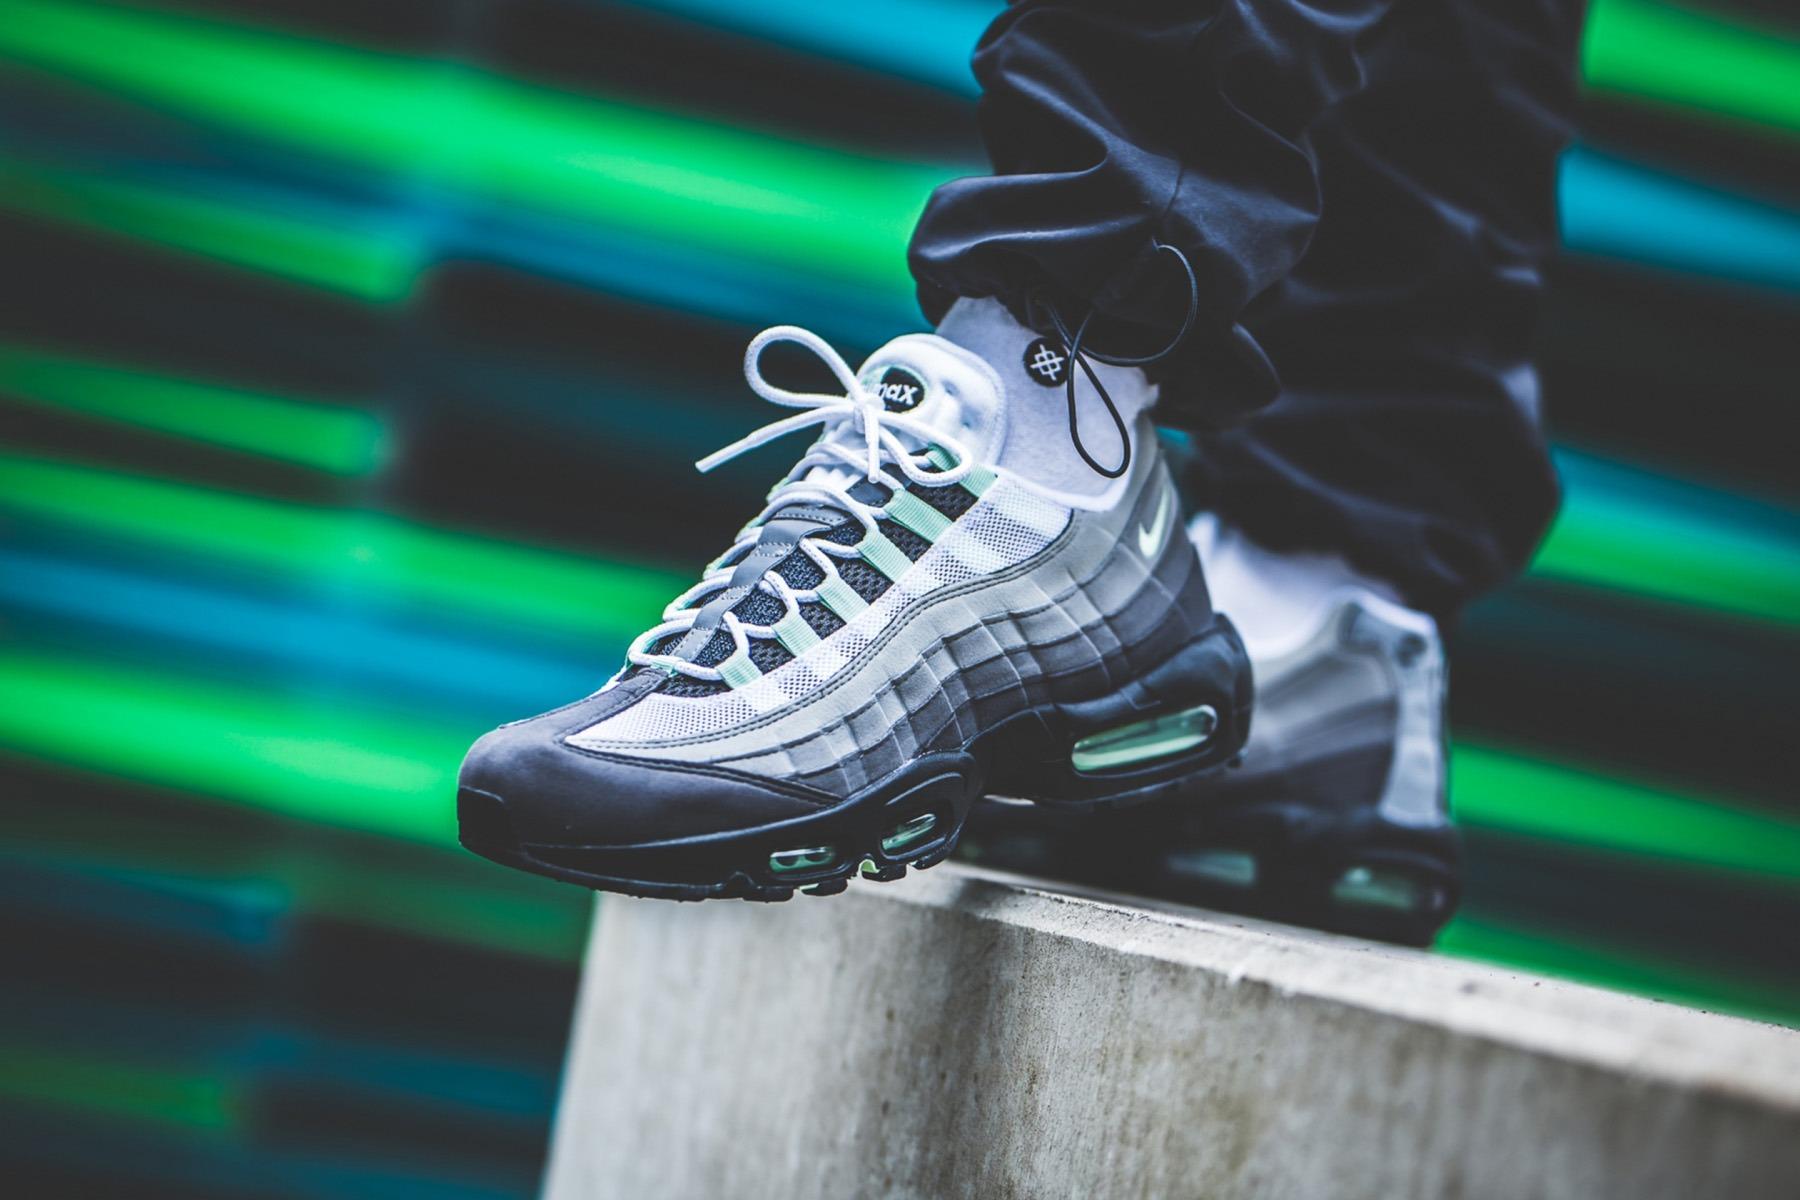 Nike Air Max 95 in Military Green Tones OG EUKicks Sneaker